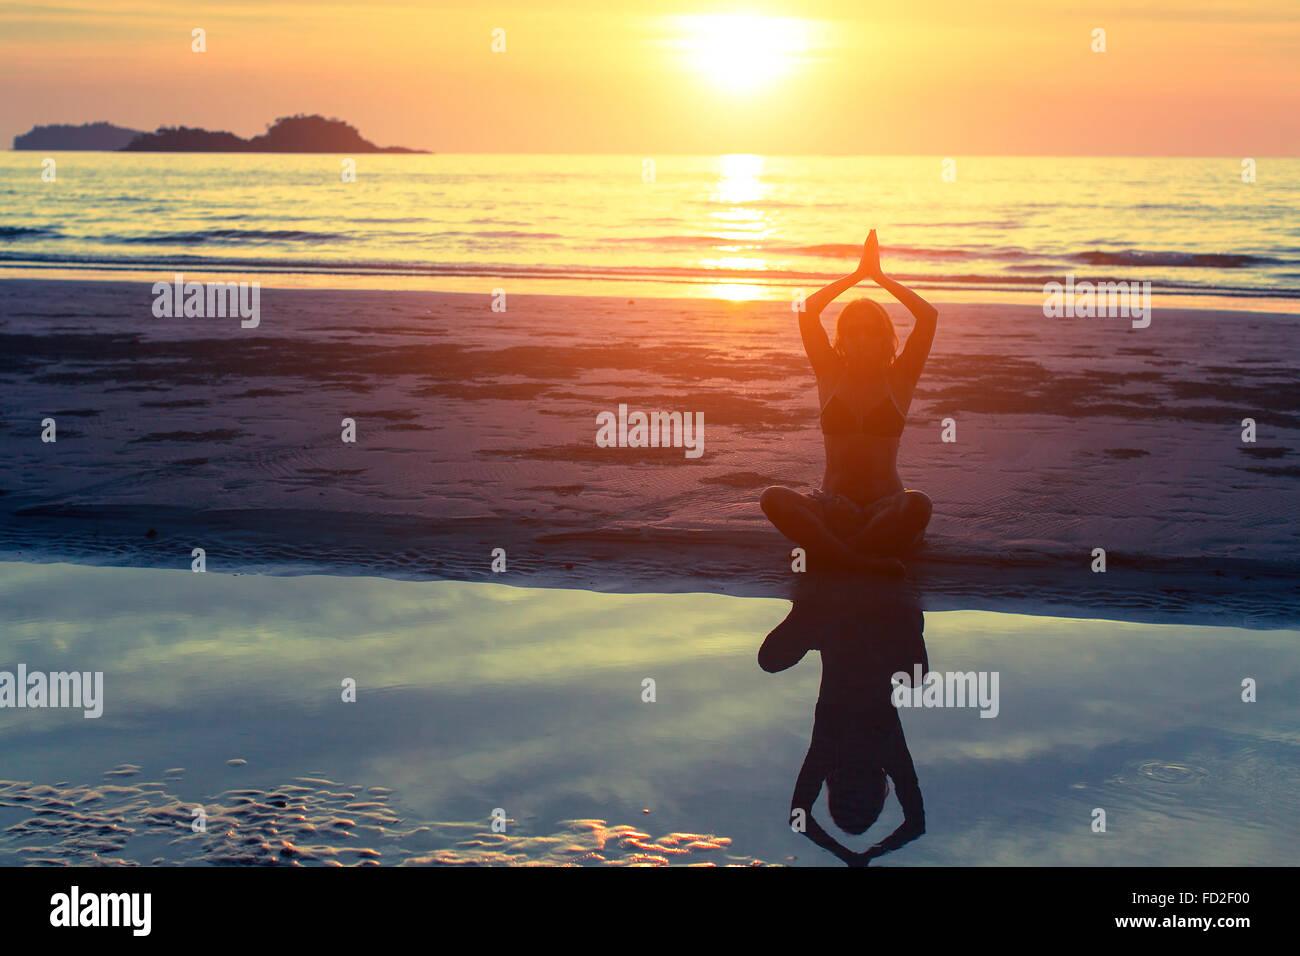 Frauen-Silhouette praktizieren Yoga am Strand bei erstaunlichen Sonnenuntergang. Stockbild